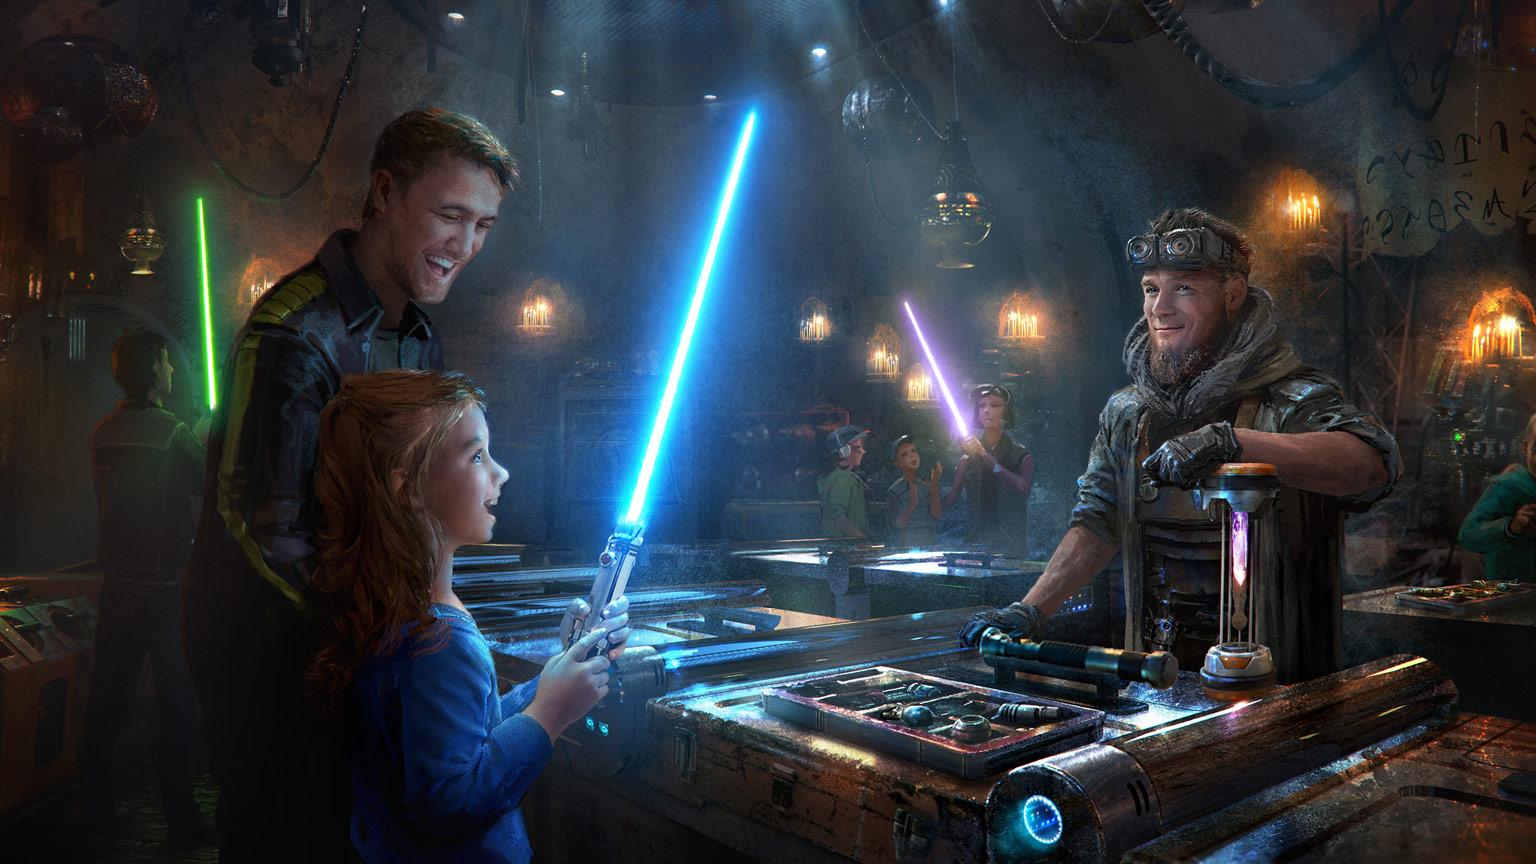 Astromech Star Wars Droid Concept Art